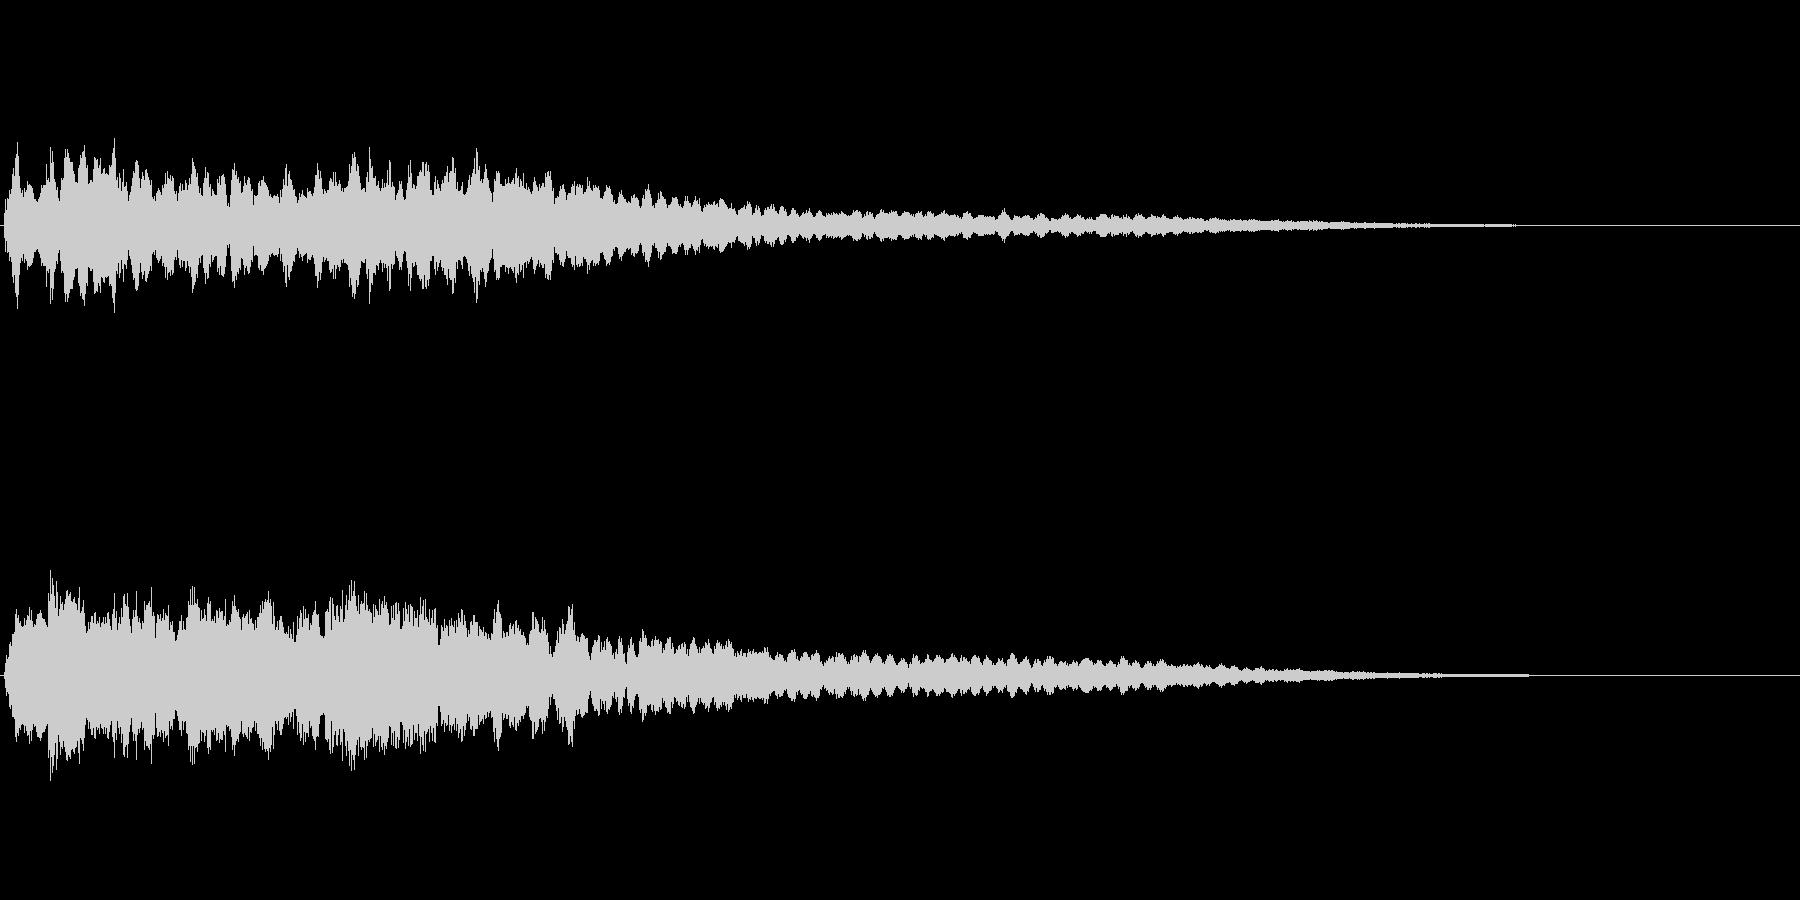 上昇系キラキラサラサラ音の未再生の波形